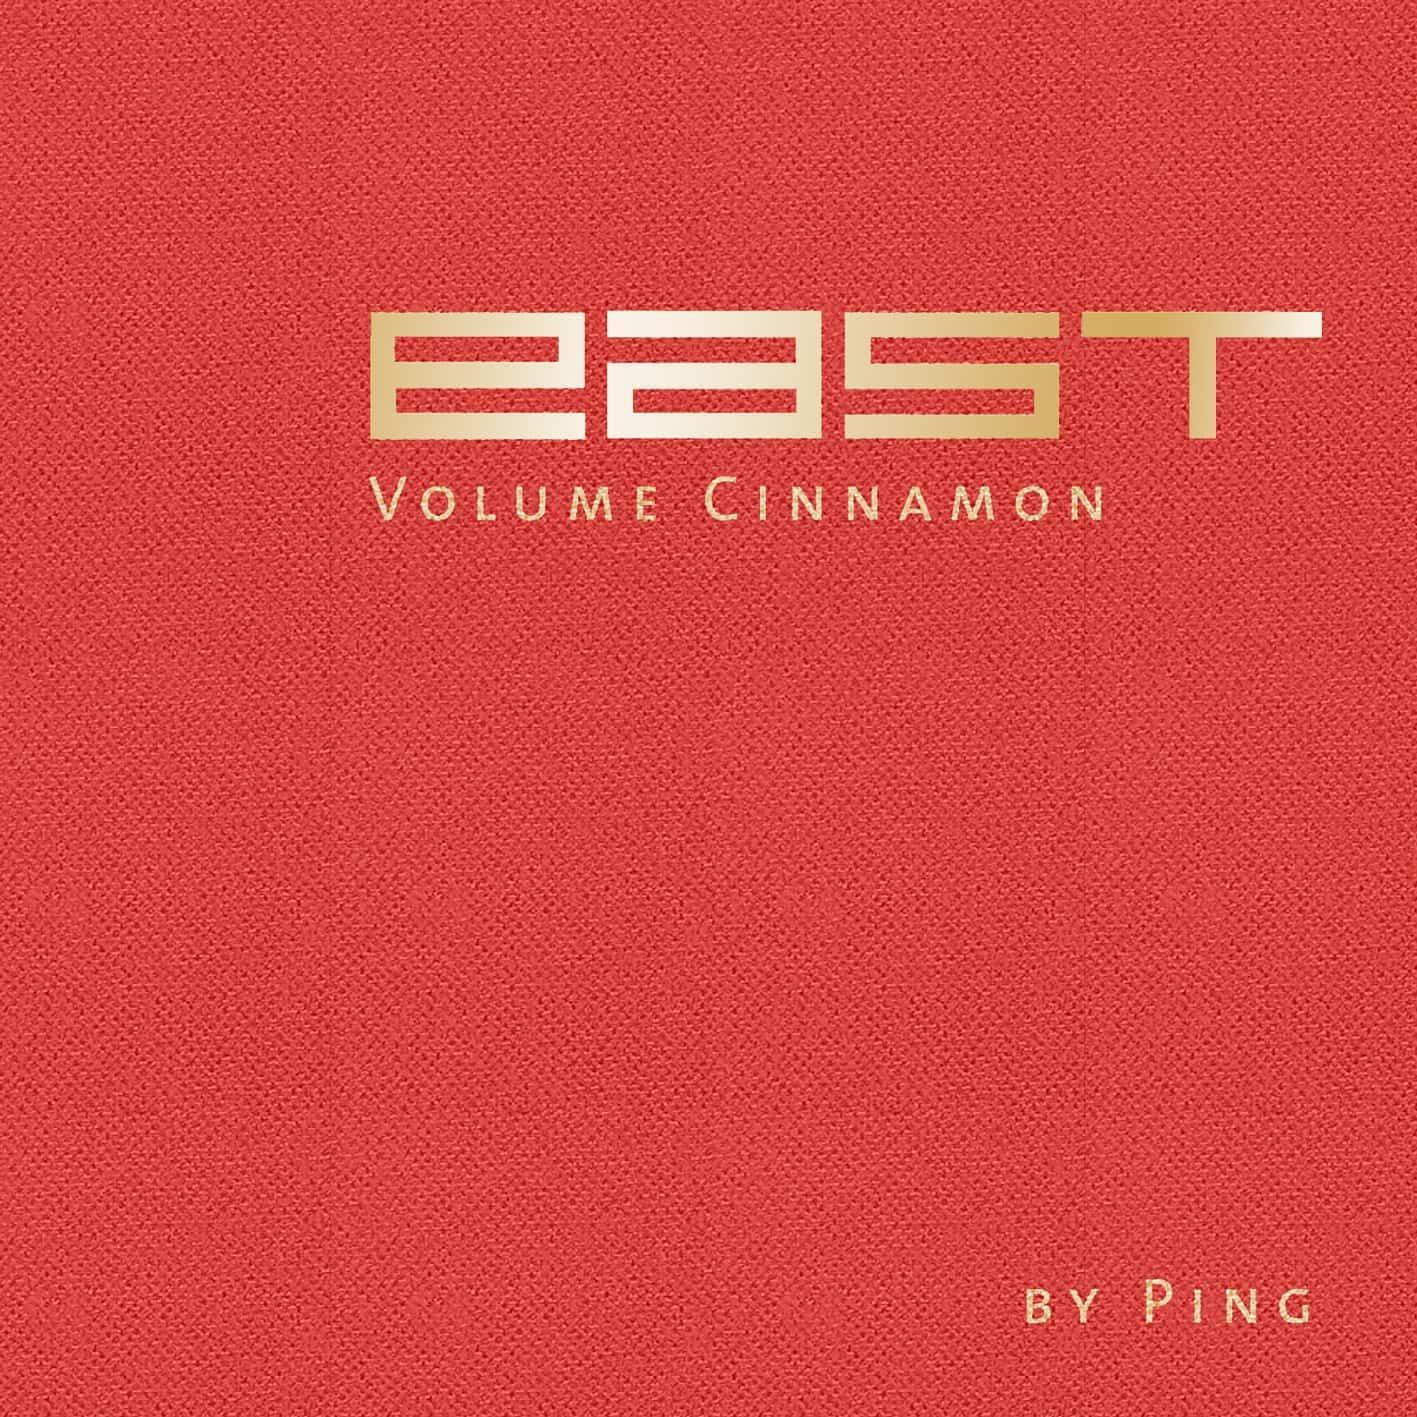 Stefan Feuerhake Feuerhake & DJ Ping – Cinnamon